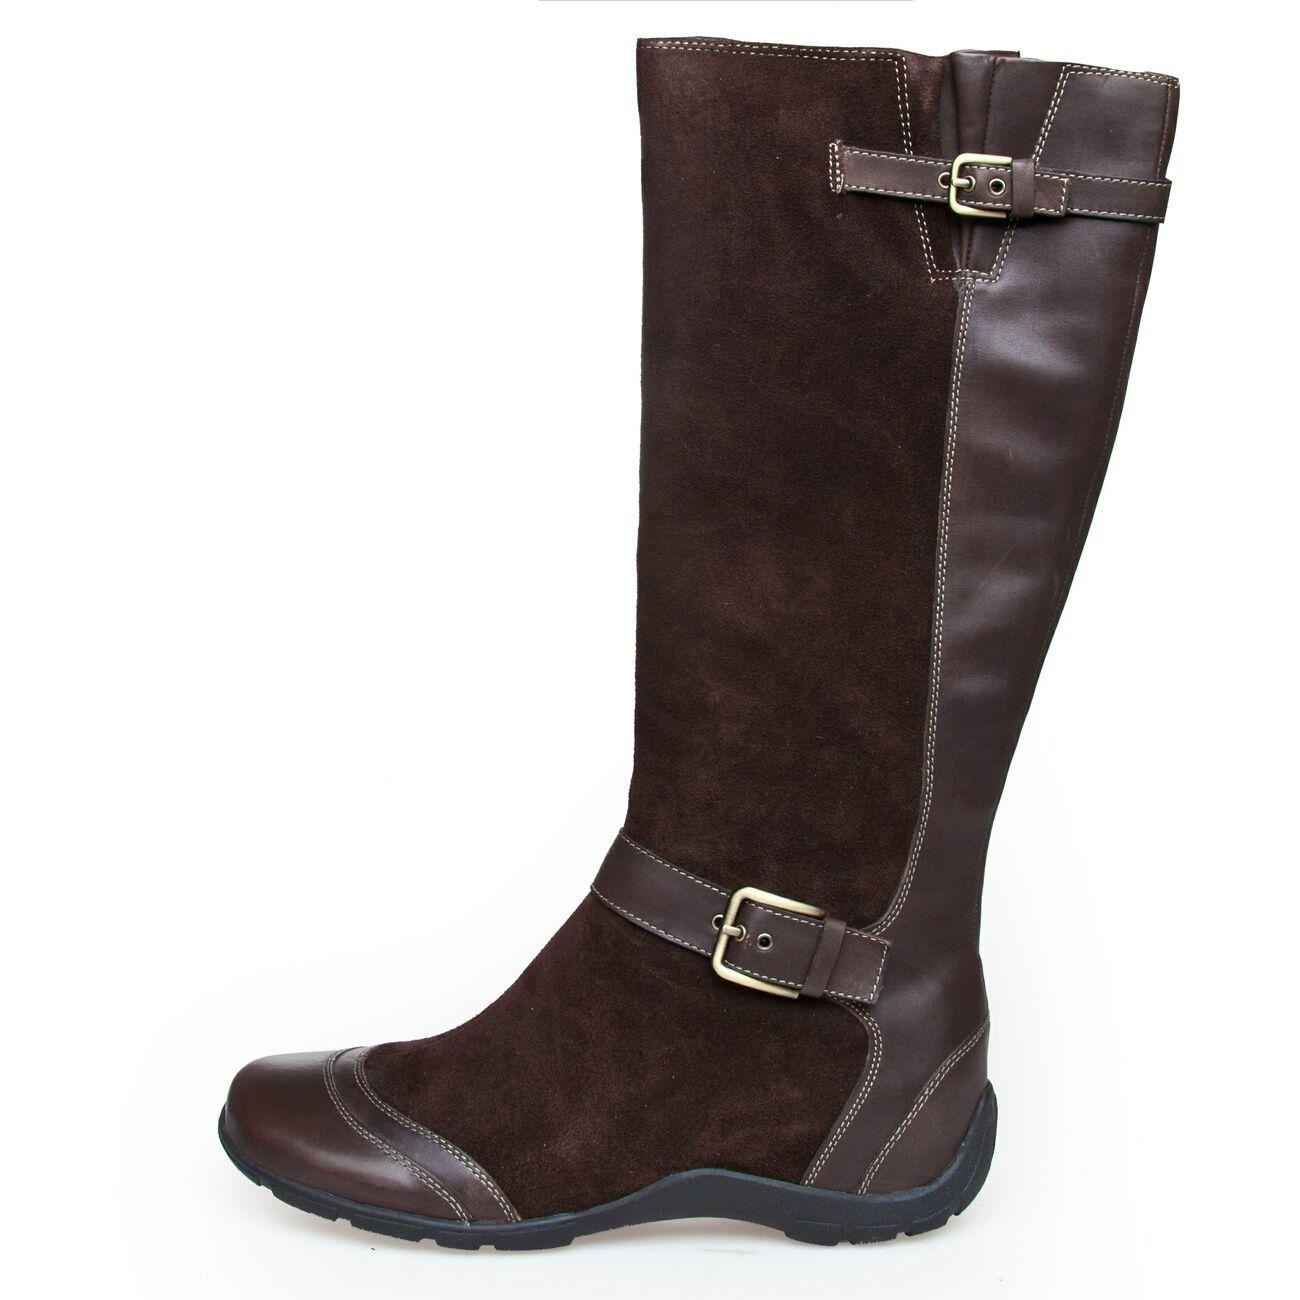 Dr. scholl Islington f231131019 zapatos señora zapatos señora botas marrón de cuero